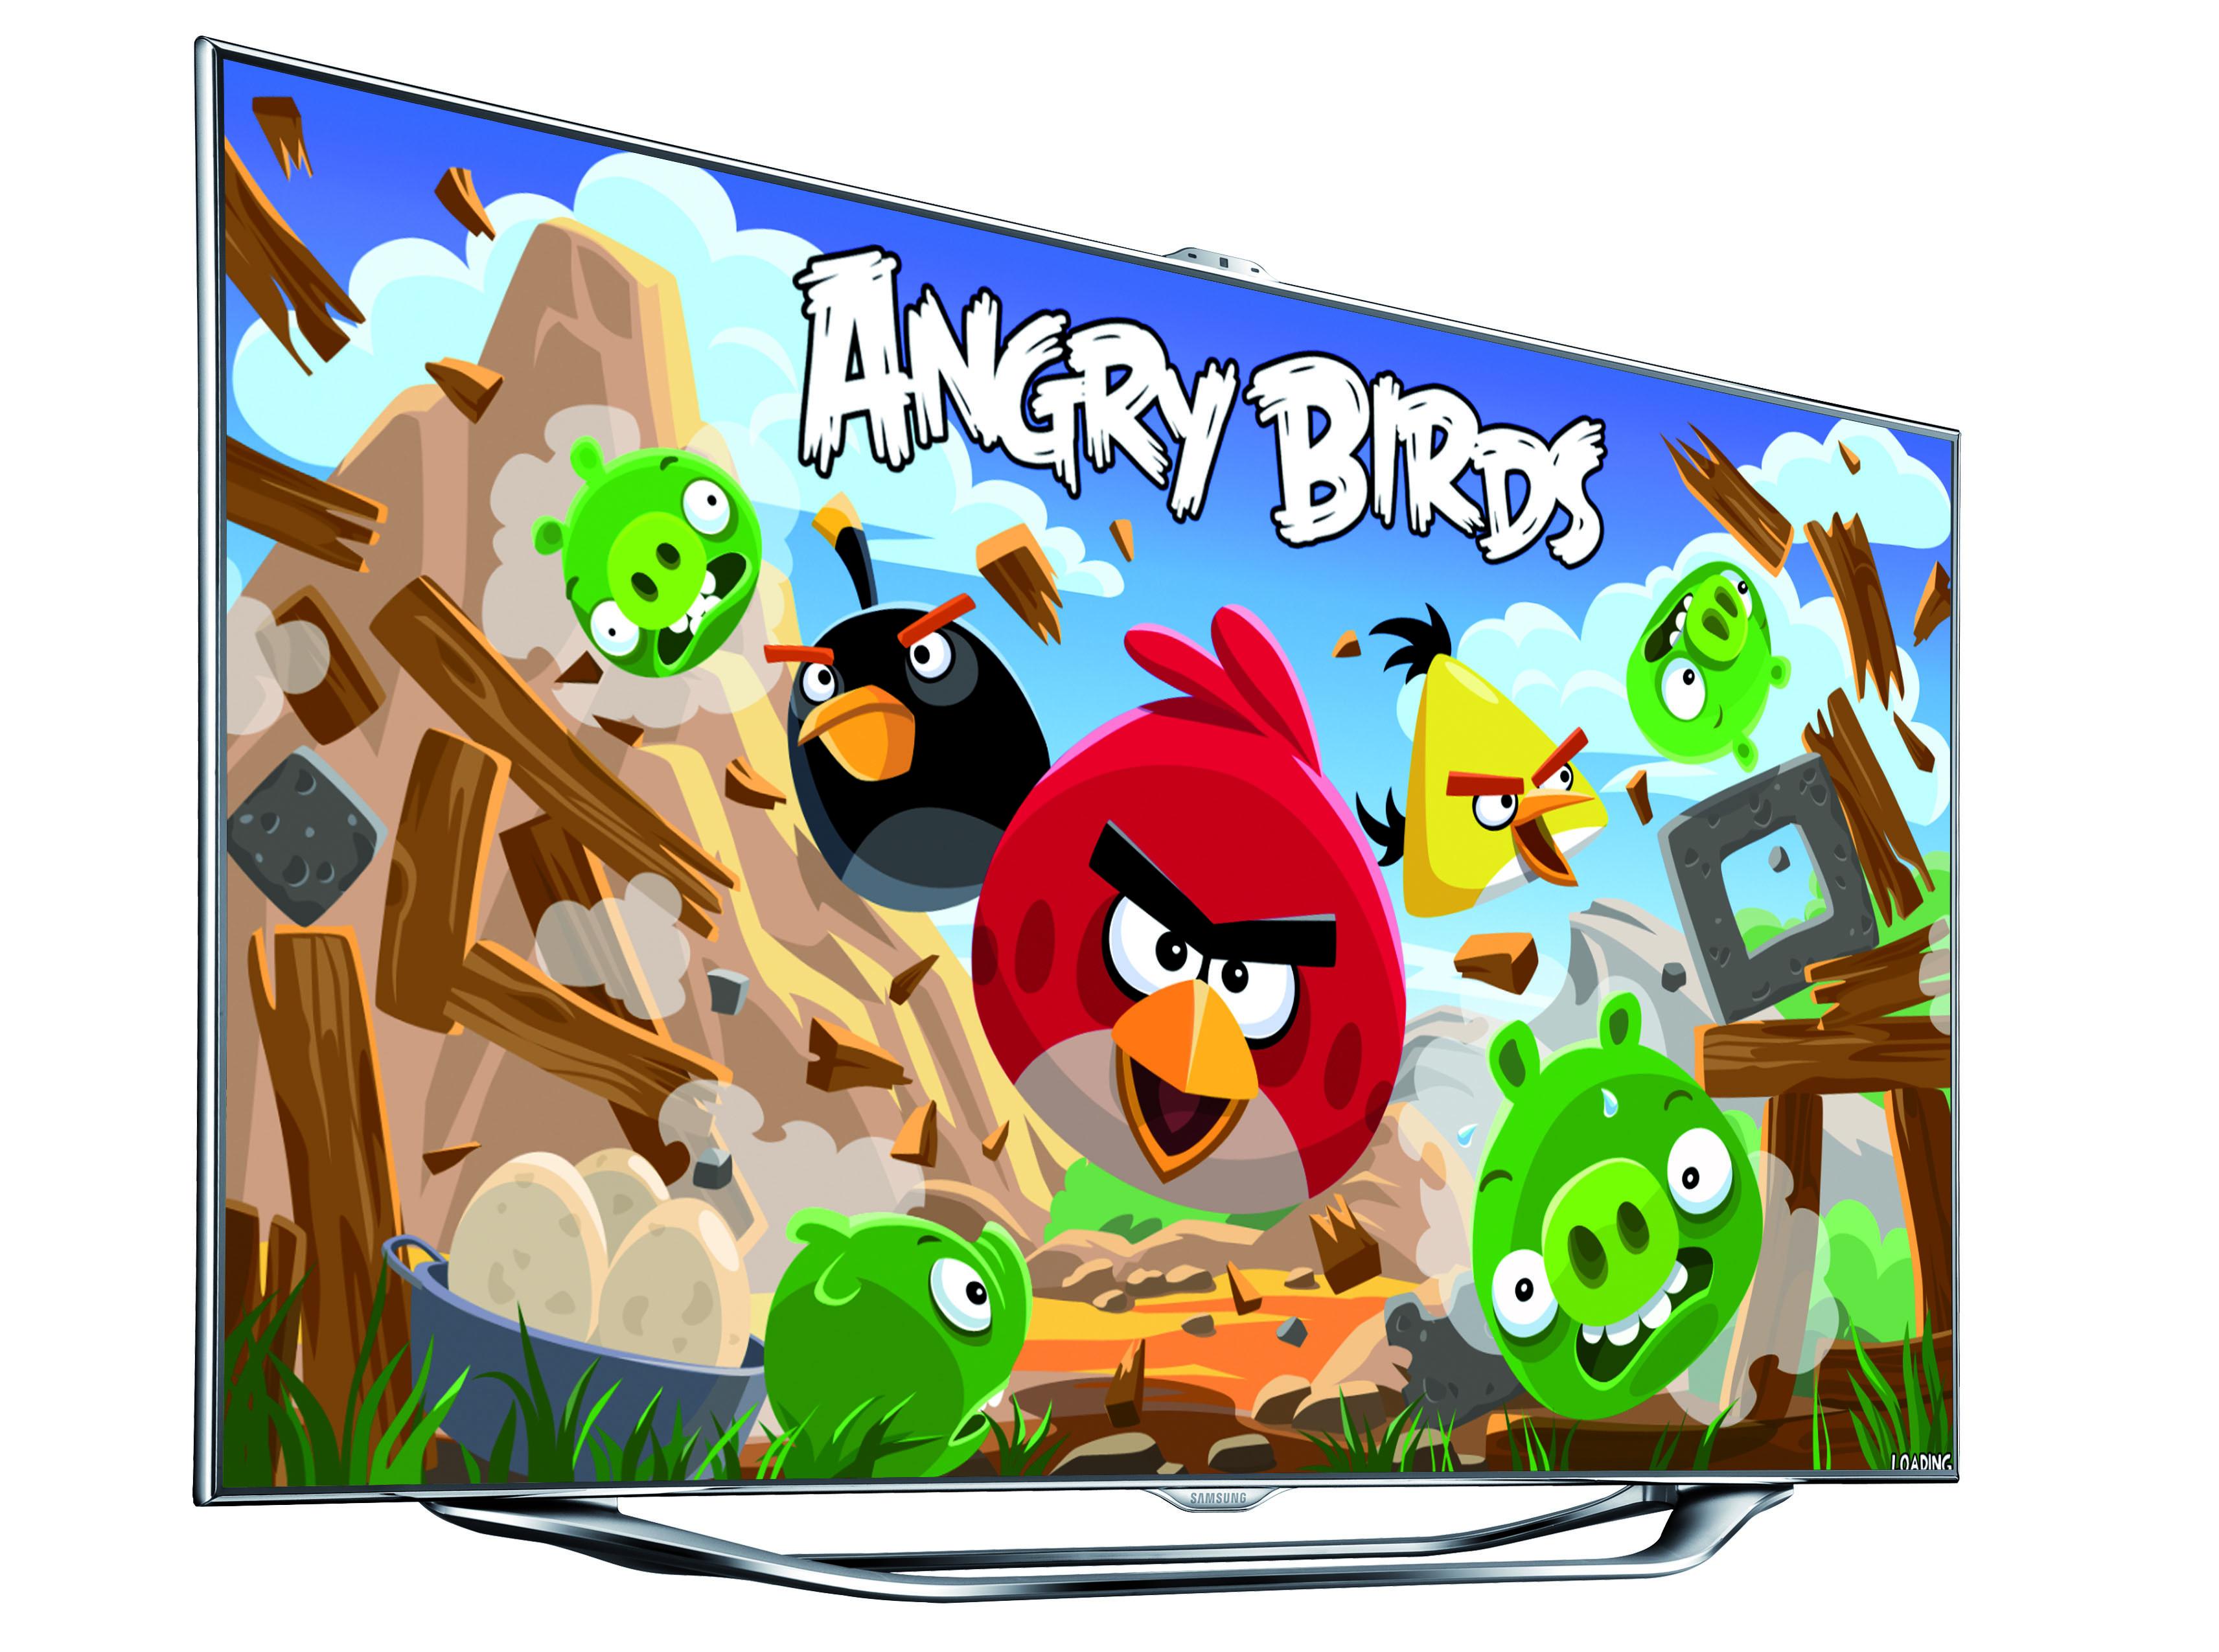 Novità| Samsung incorona il campione di Angry Birds su SMART TV